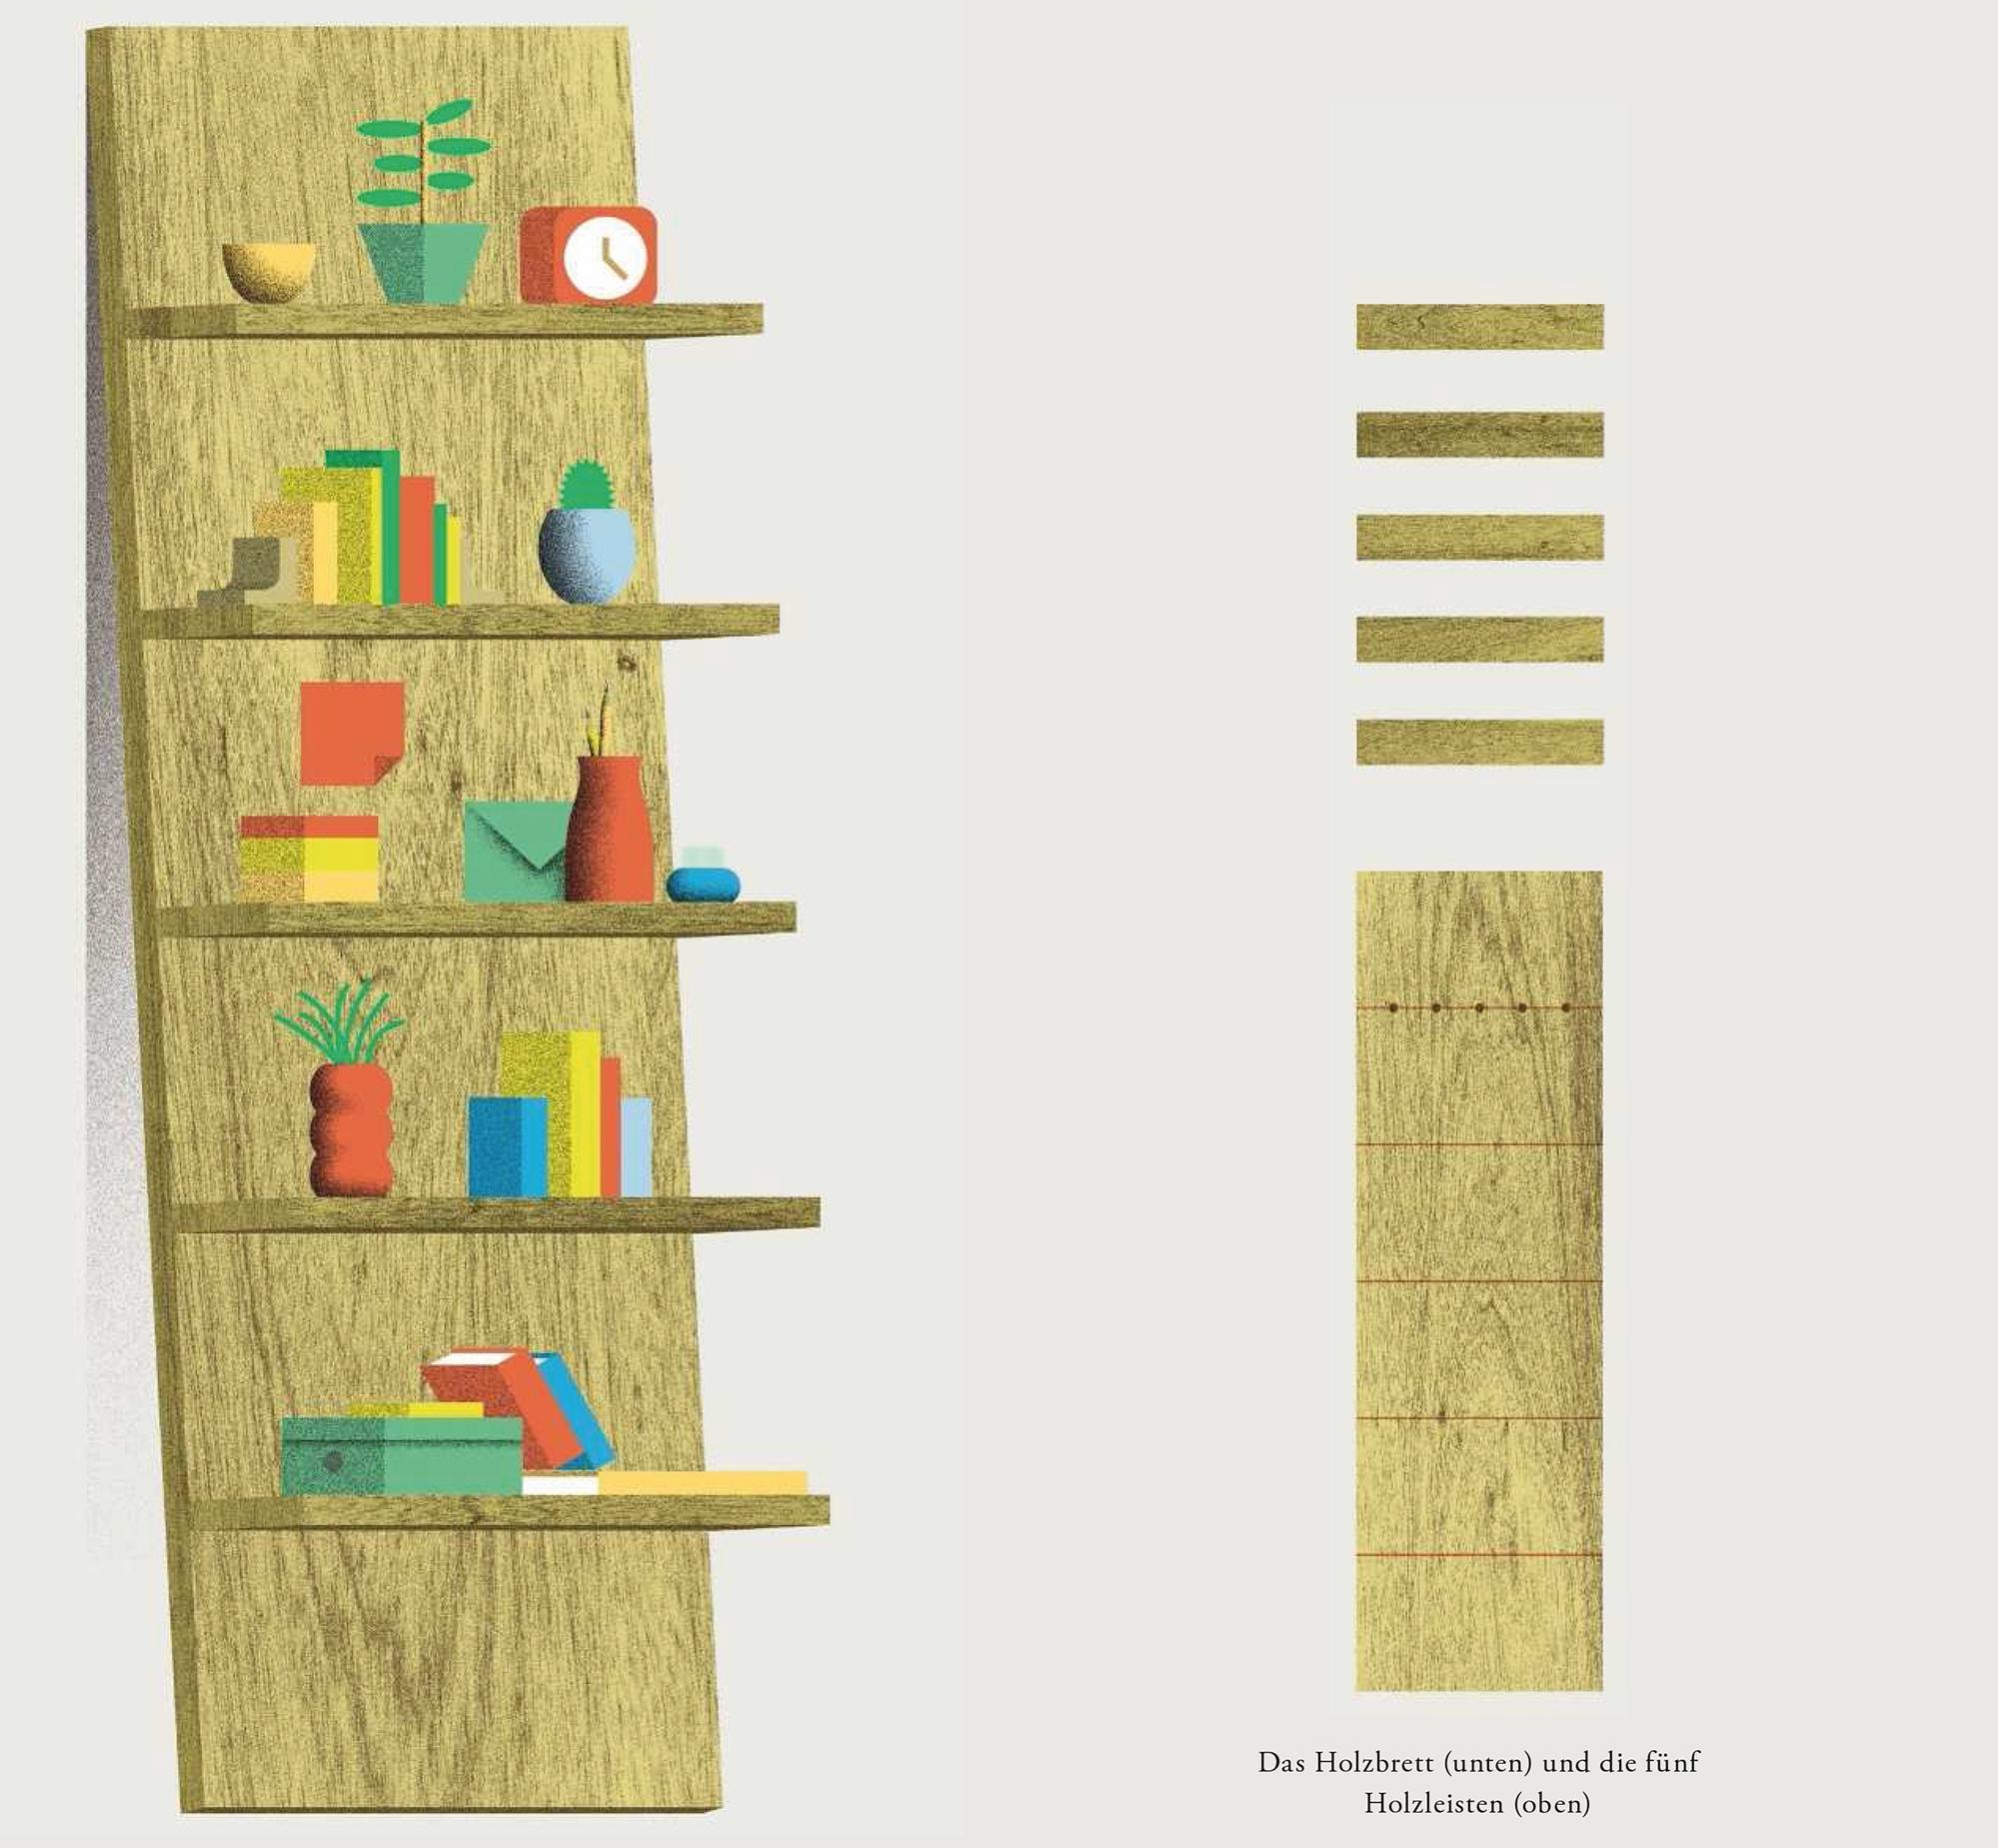 Bücherregal gezeichnet  Ein mobiles Wandregal | ZEITmagazin